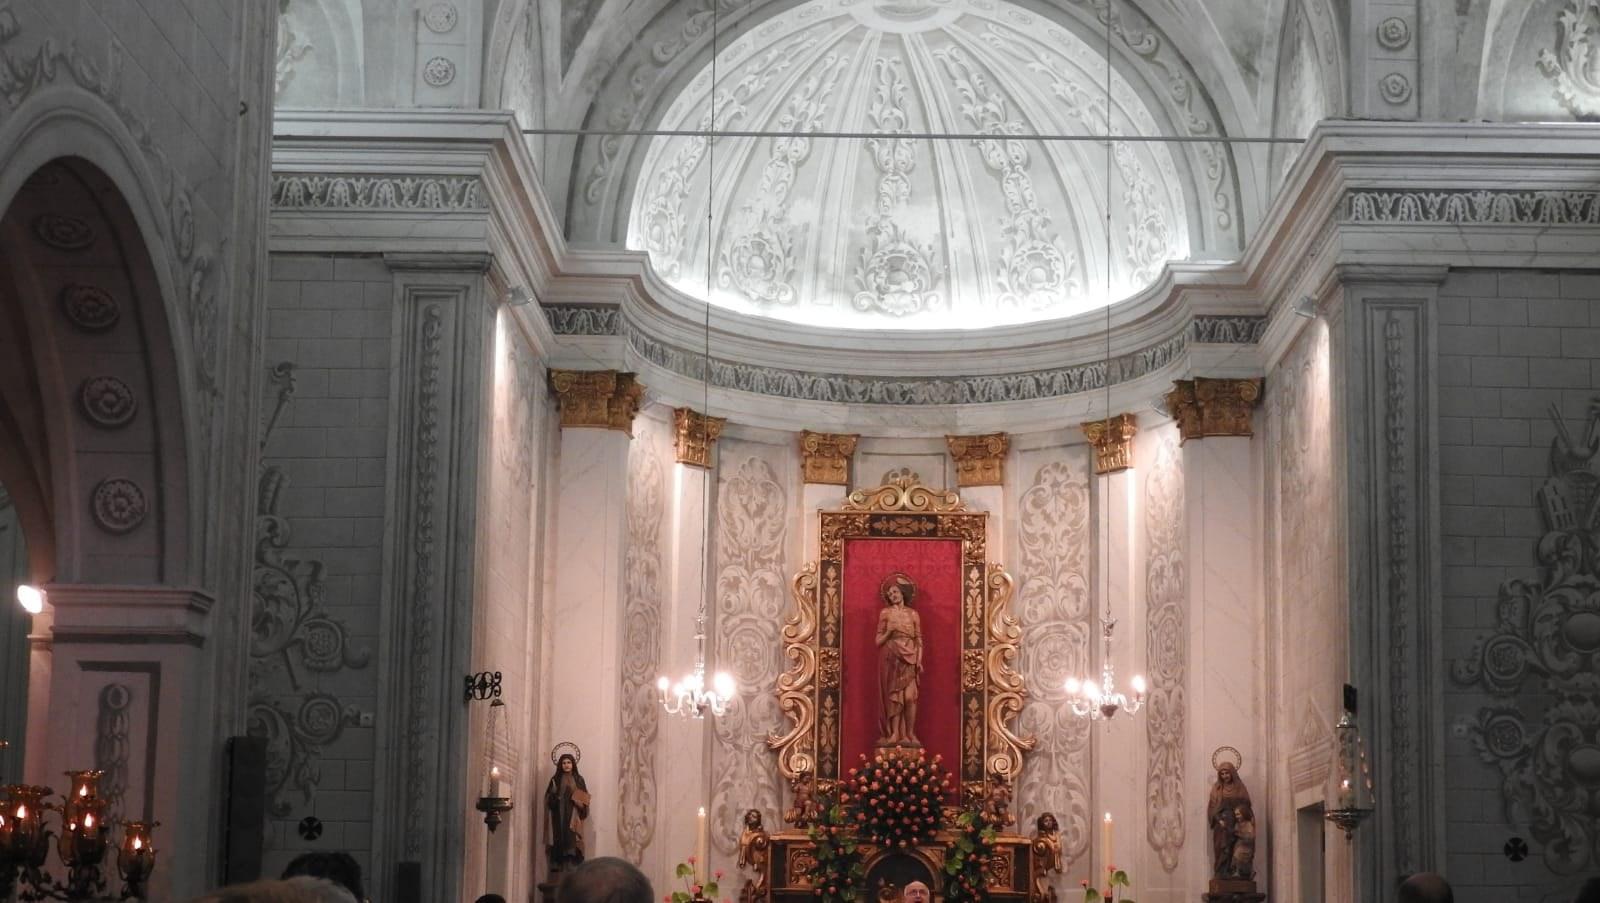 La Festivitat de Sant Sebastià substitueix la Novena per la pregària de renovació del vot al màrtir